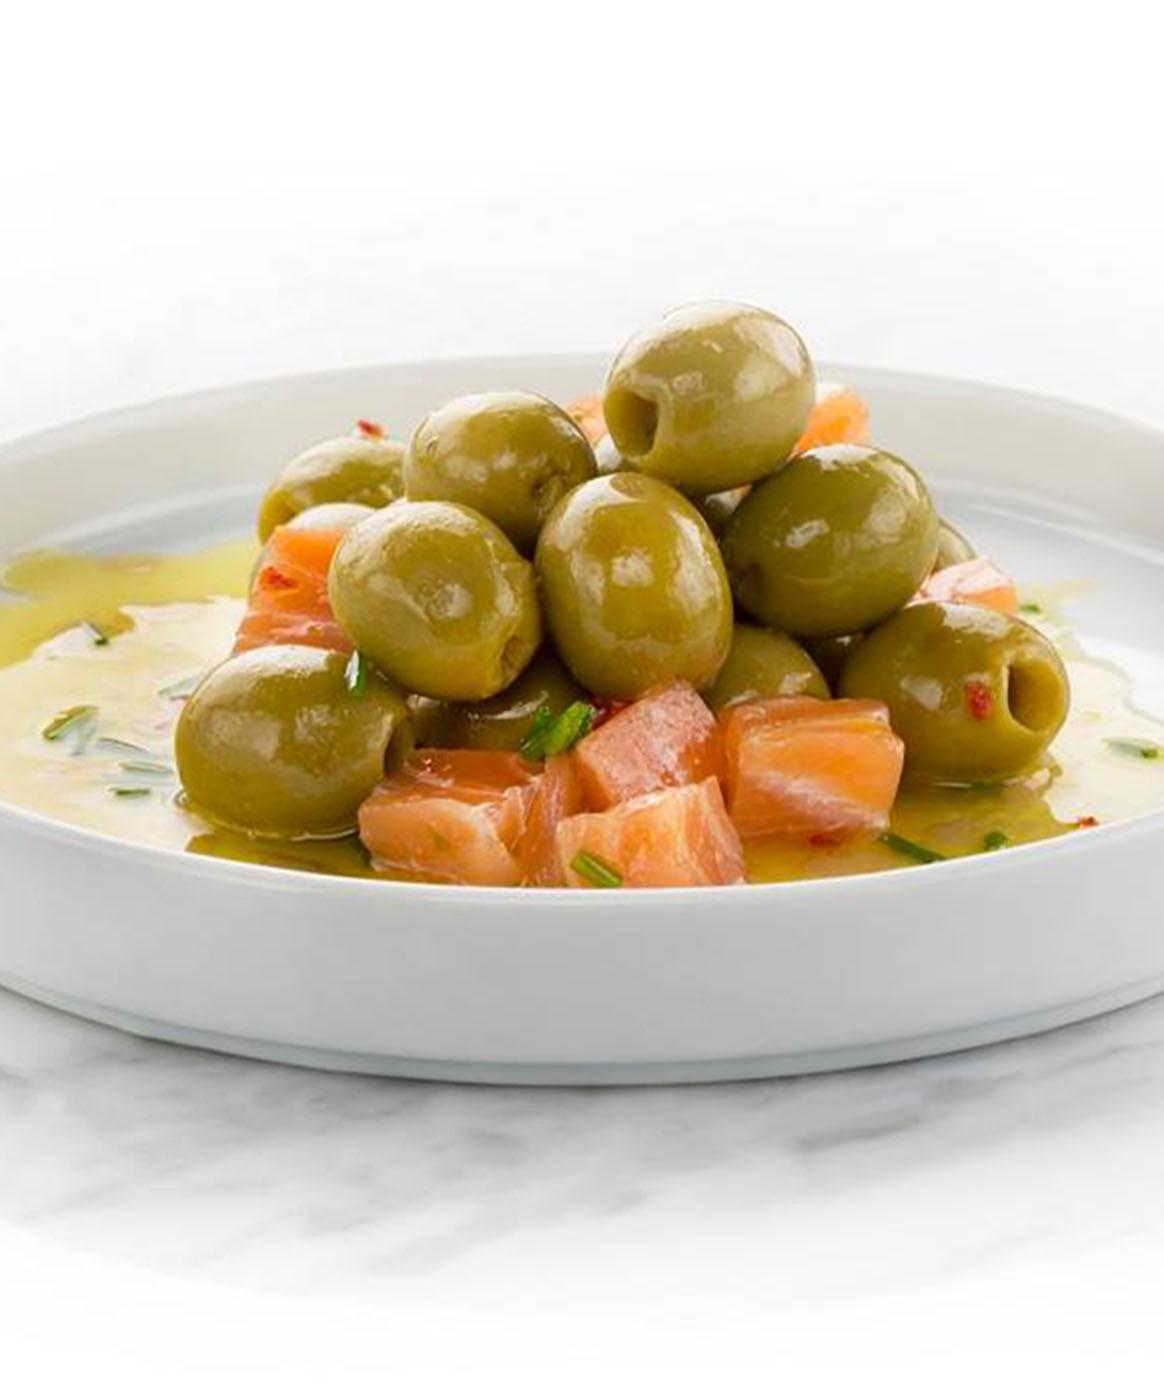 https://www.conservasantonio.com/es/recetas/aceitunas-con-salmon-ahumado/